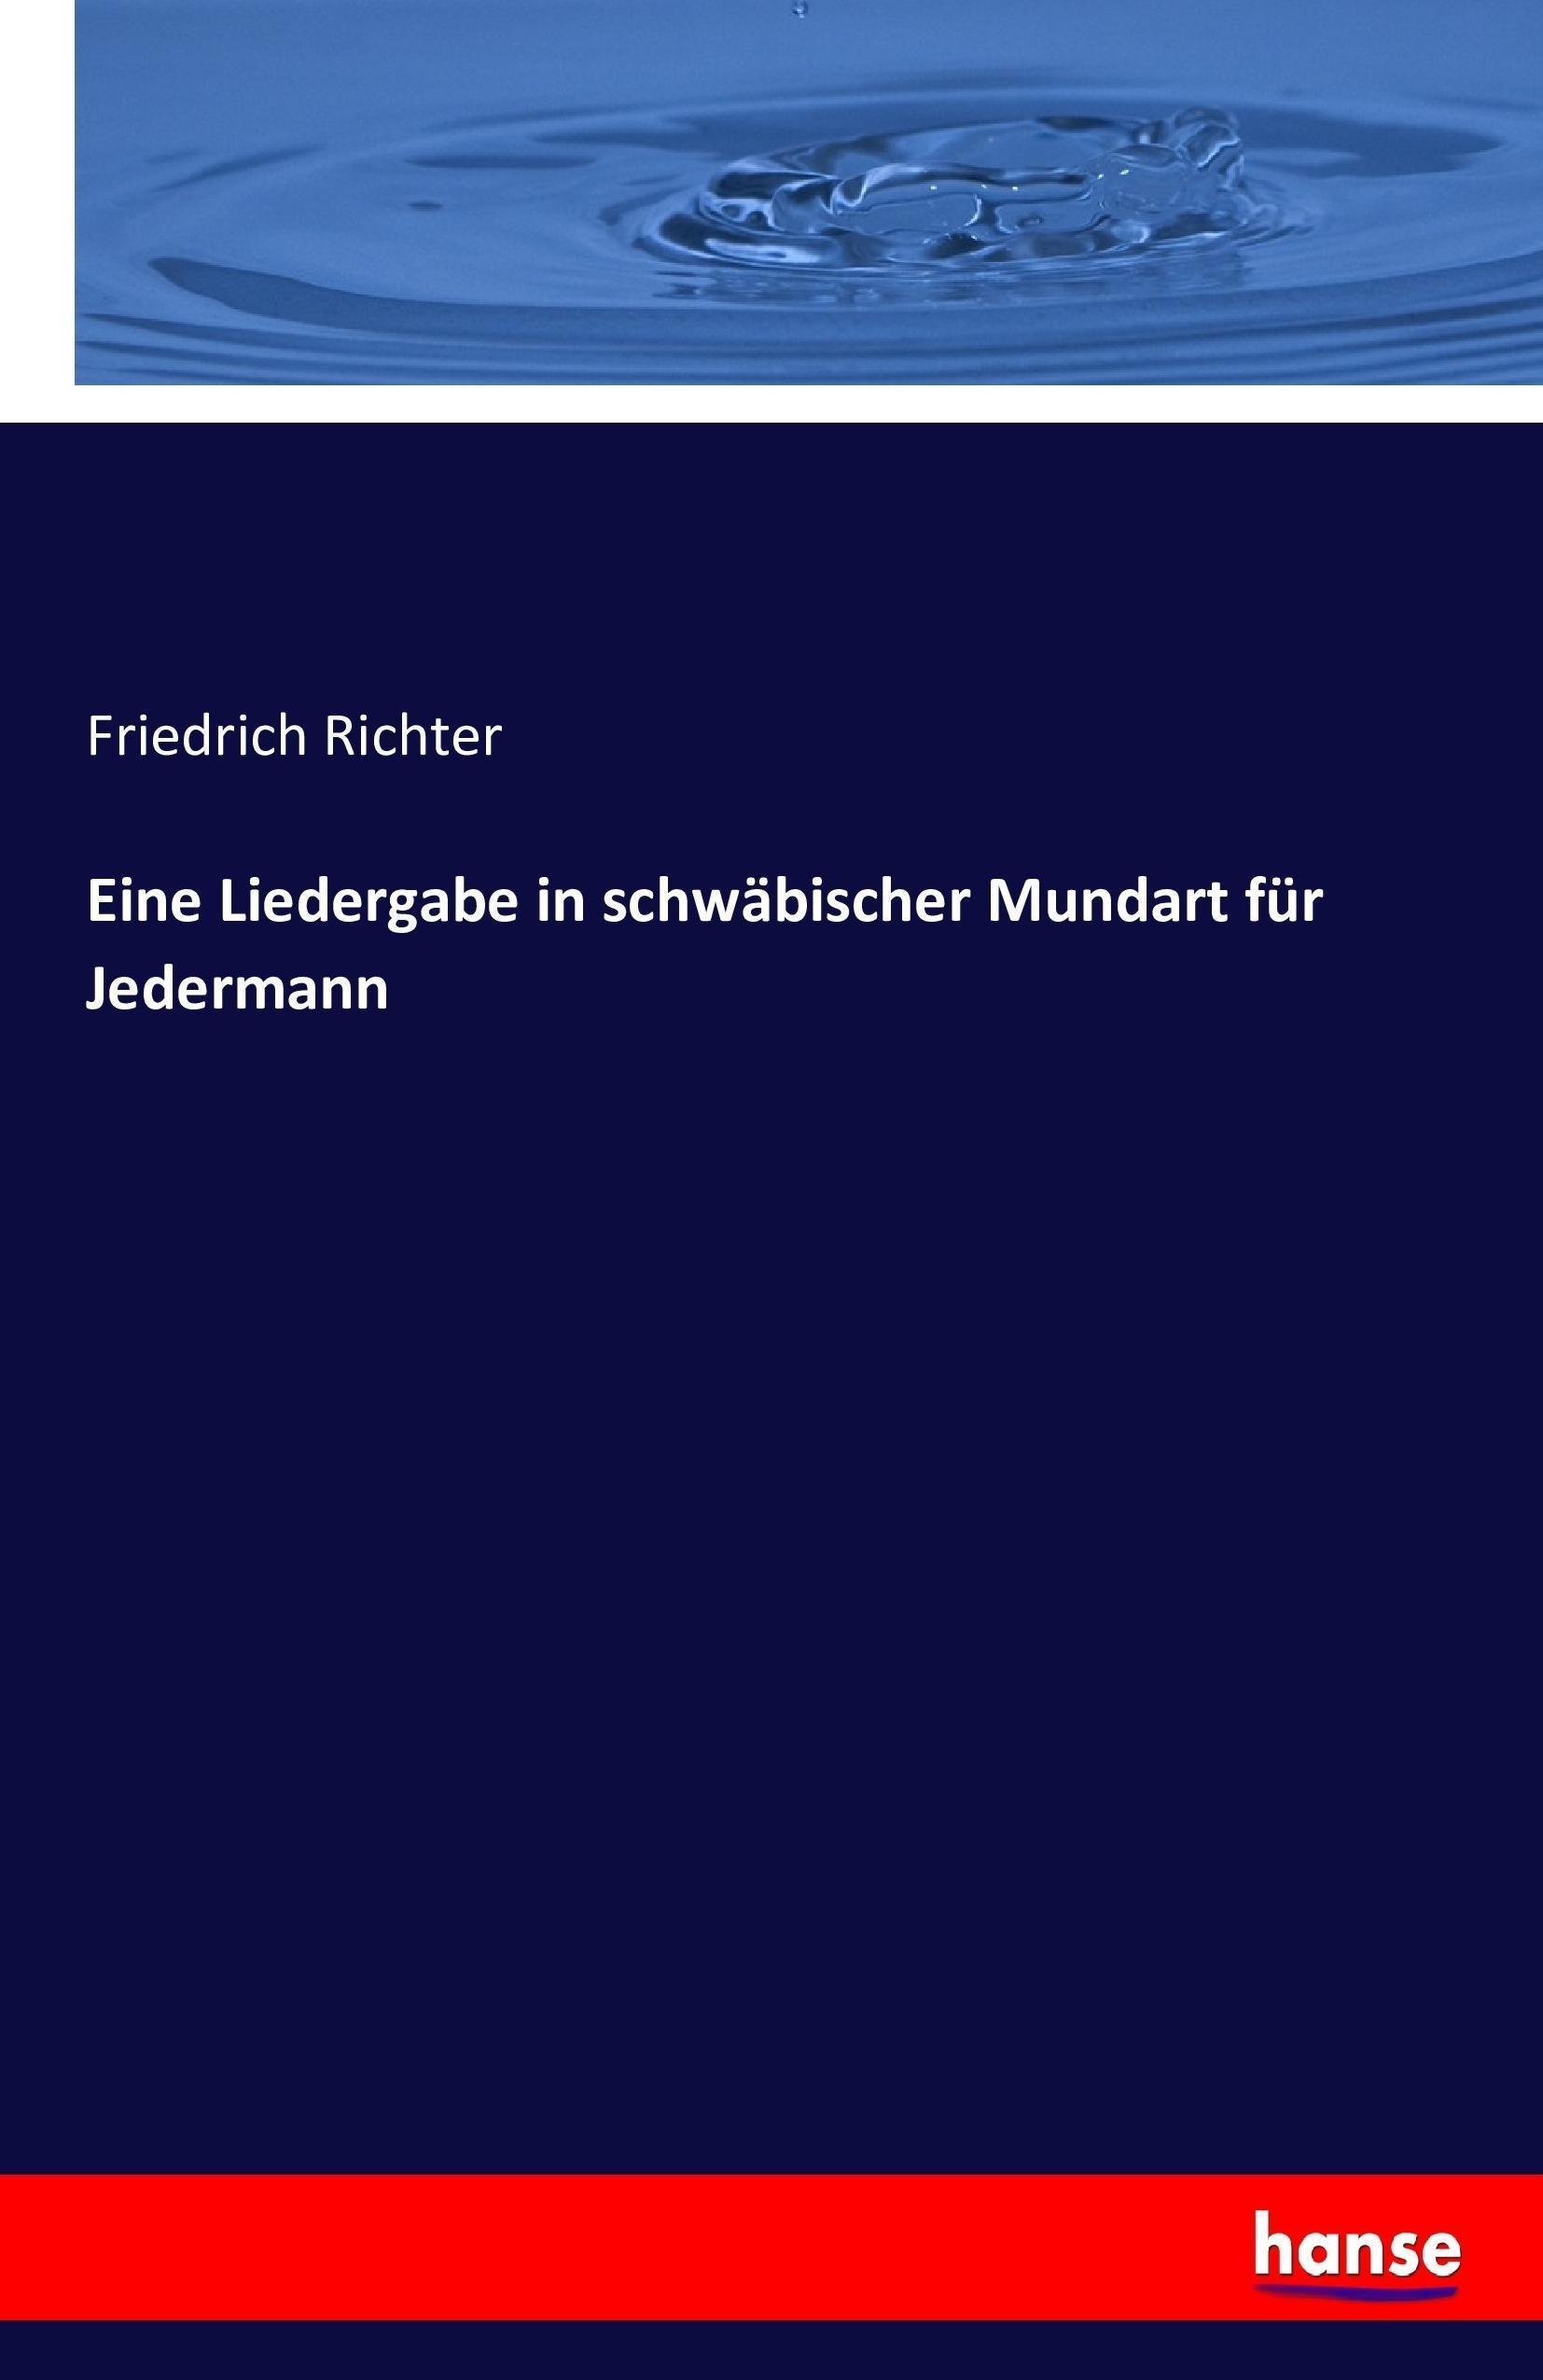 Eine-Liedergabe-in-schwaebischer-Mundart-fuer-Jedermann-Friedrich-Richter